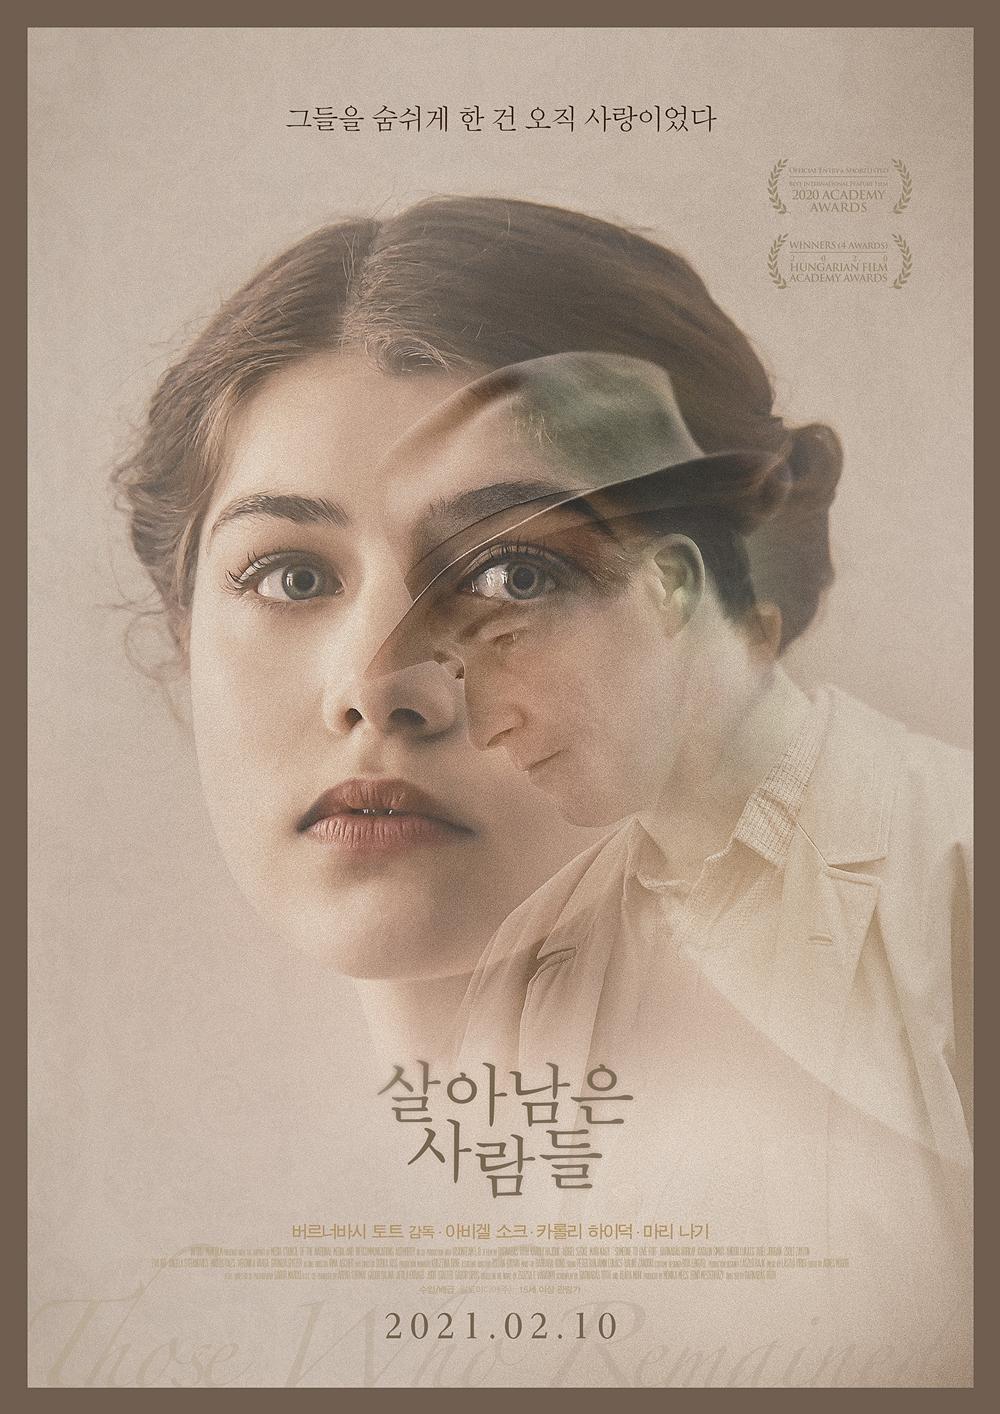 영화 '살아남은 사람들' 포스터. 사진 알토미디어(주)